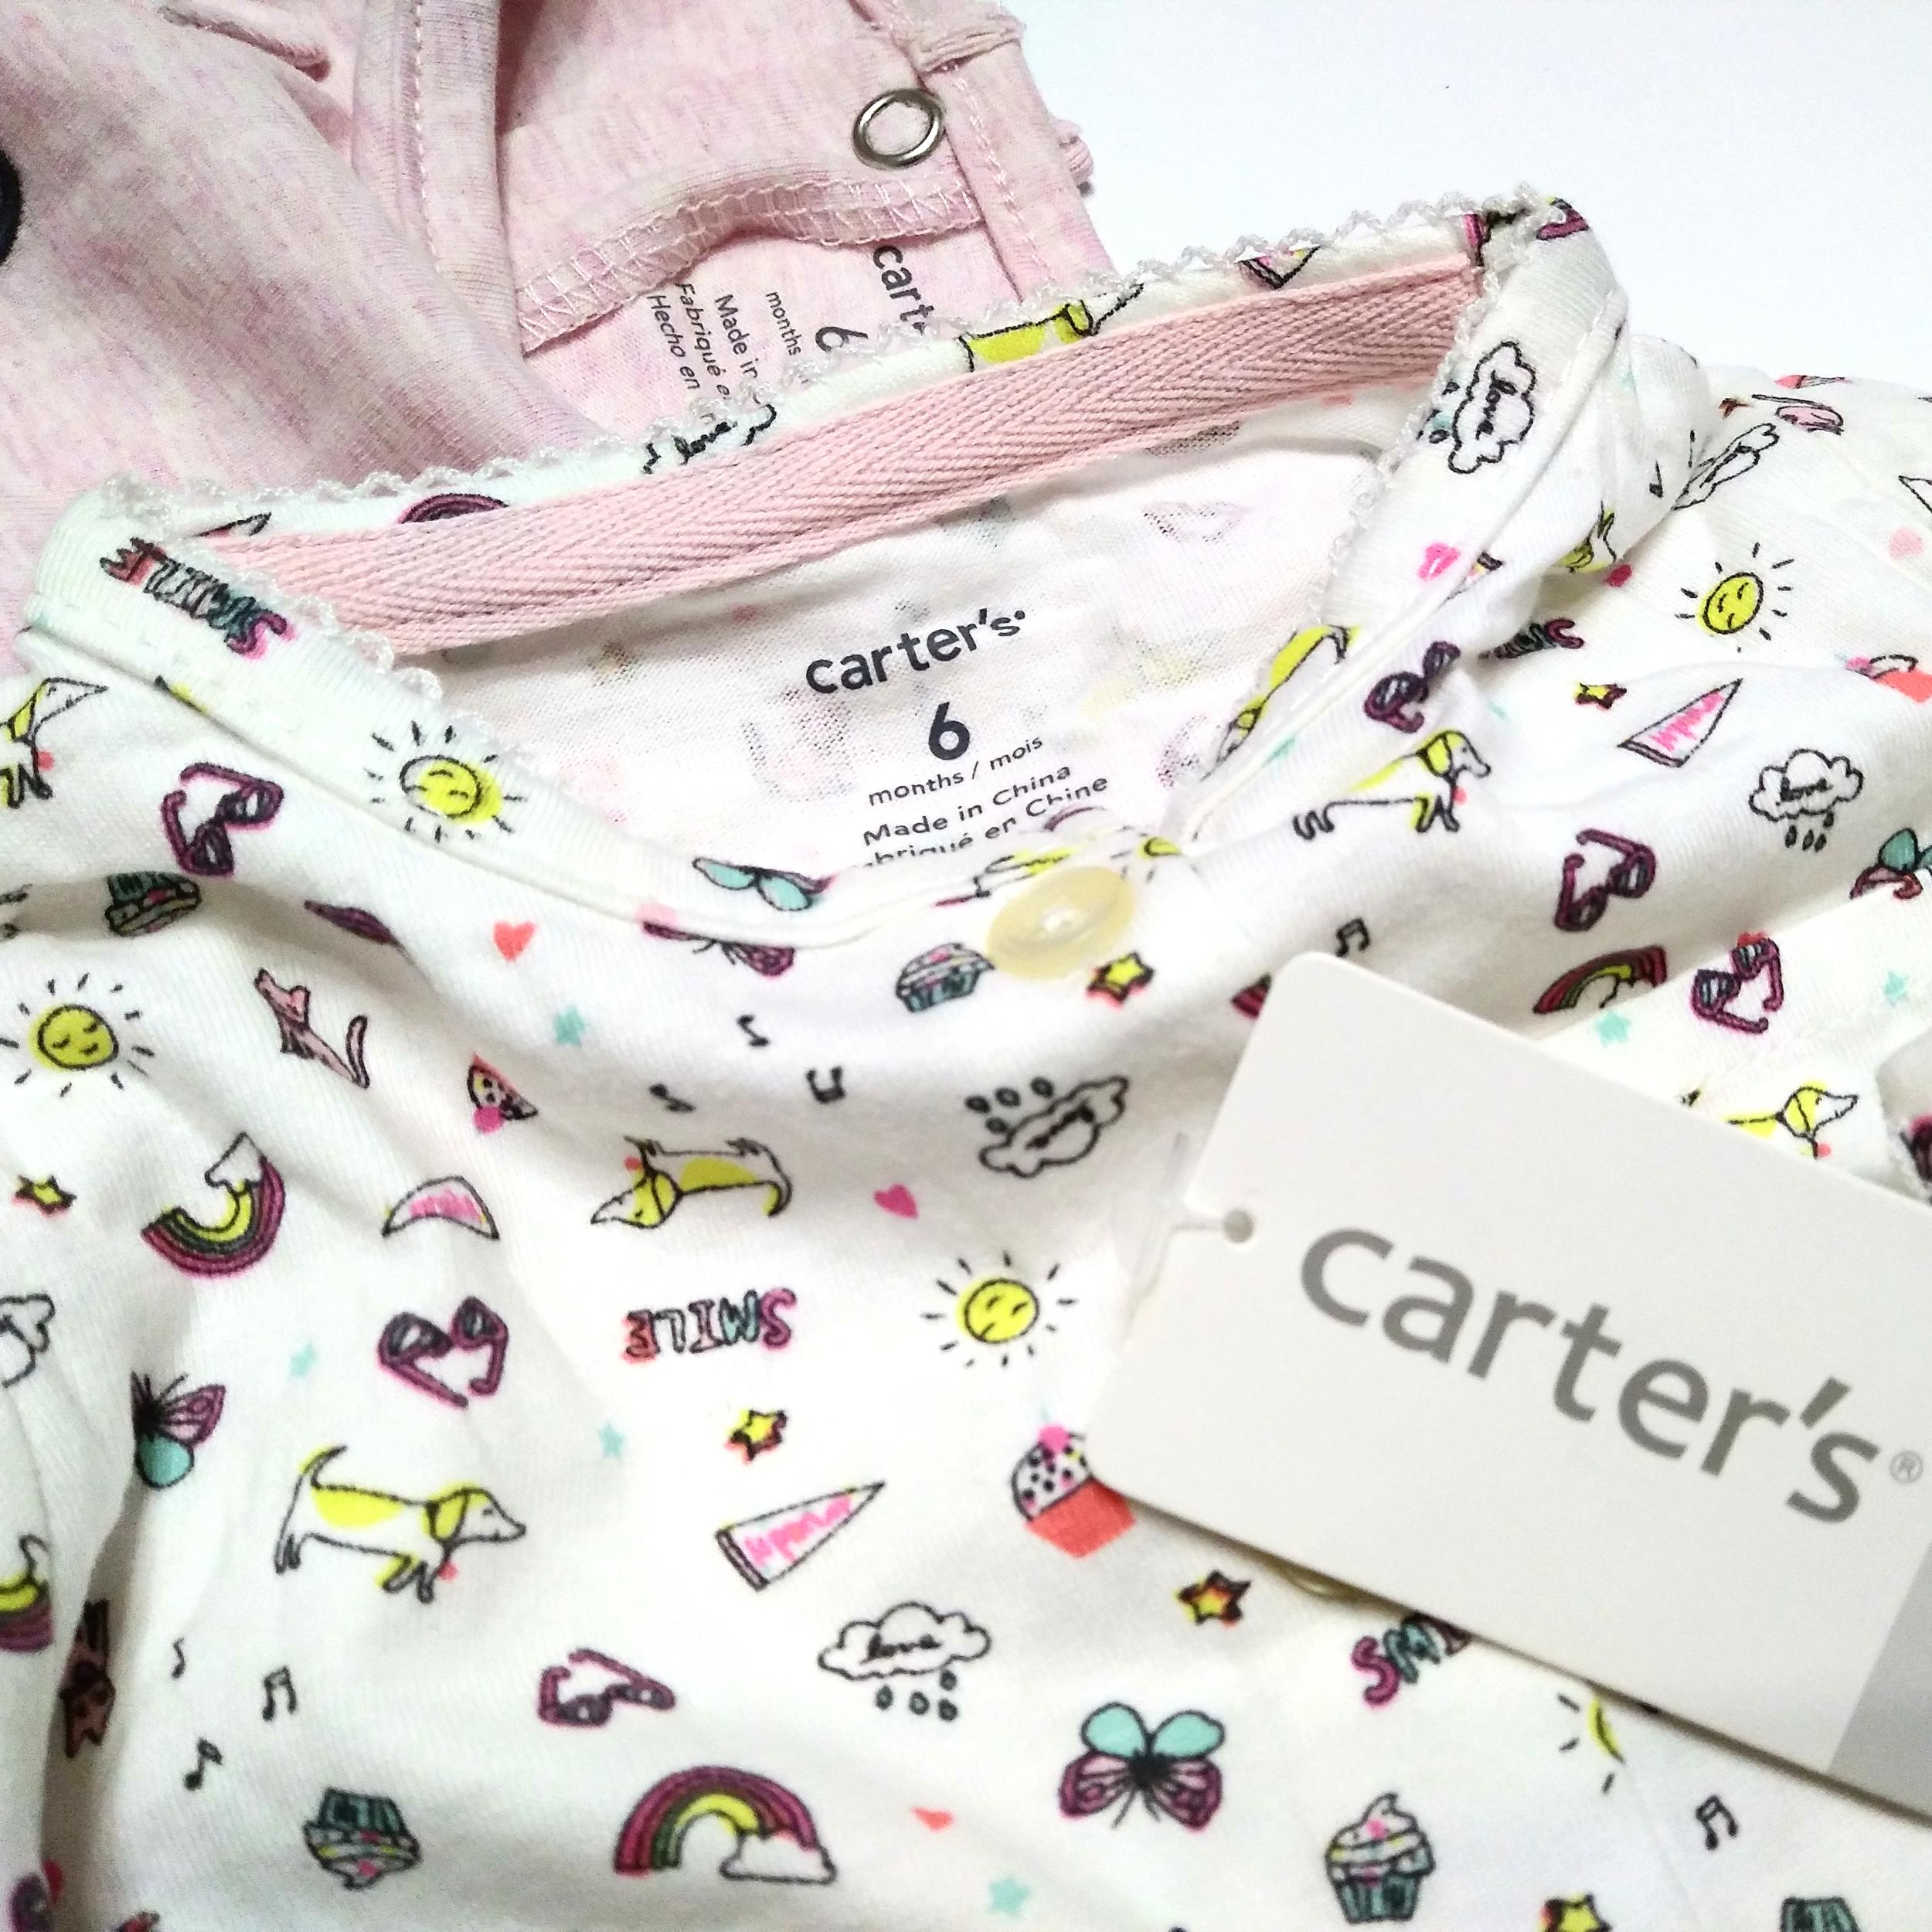 ست کت و پیراهن نوزادی دخترانه کارترز طرح گربه کد M437 -  - 6